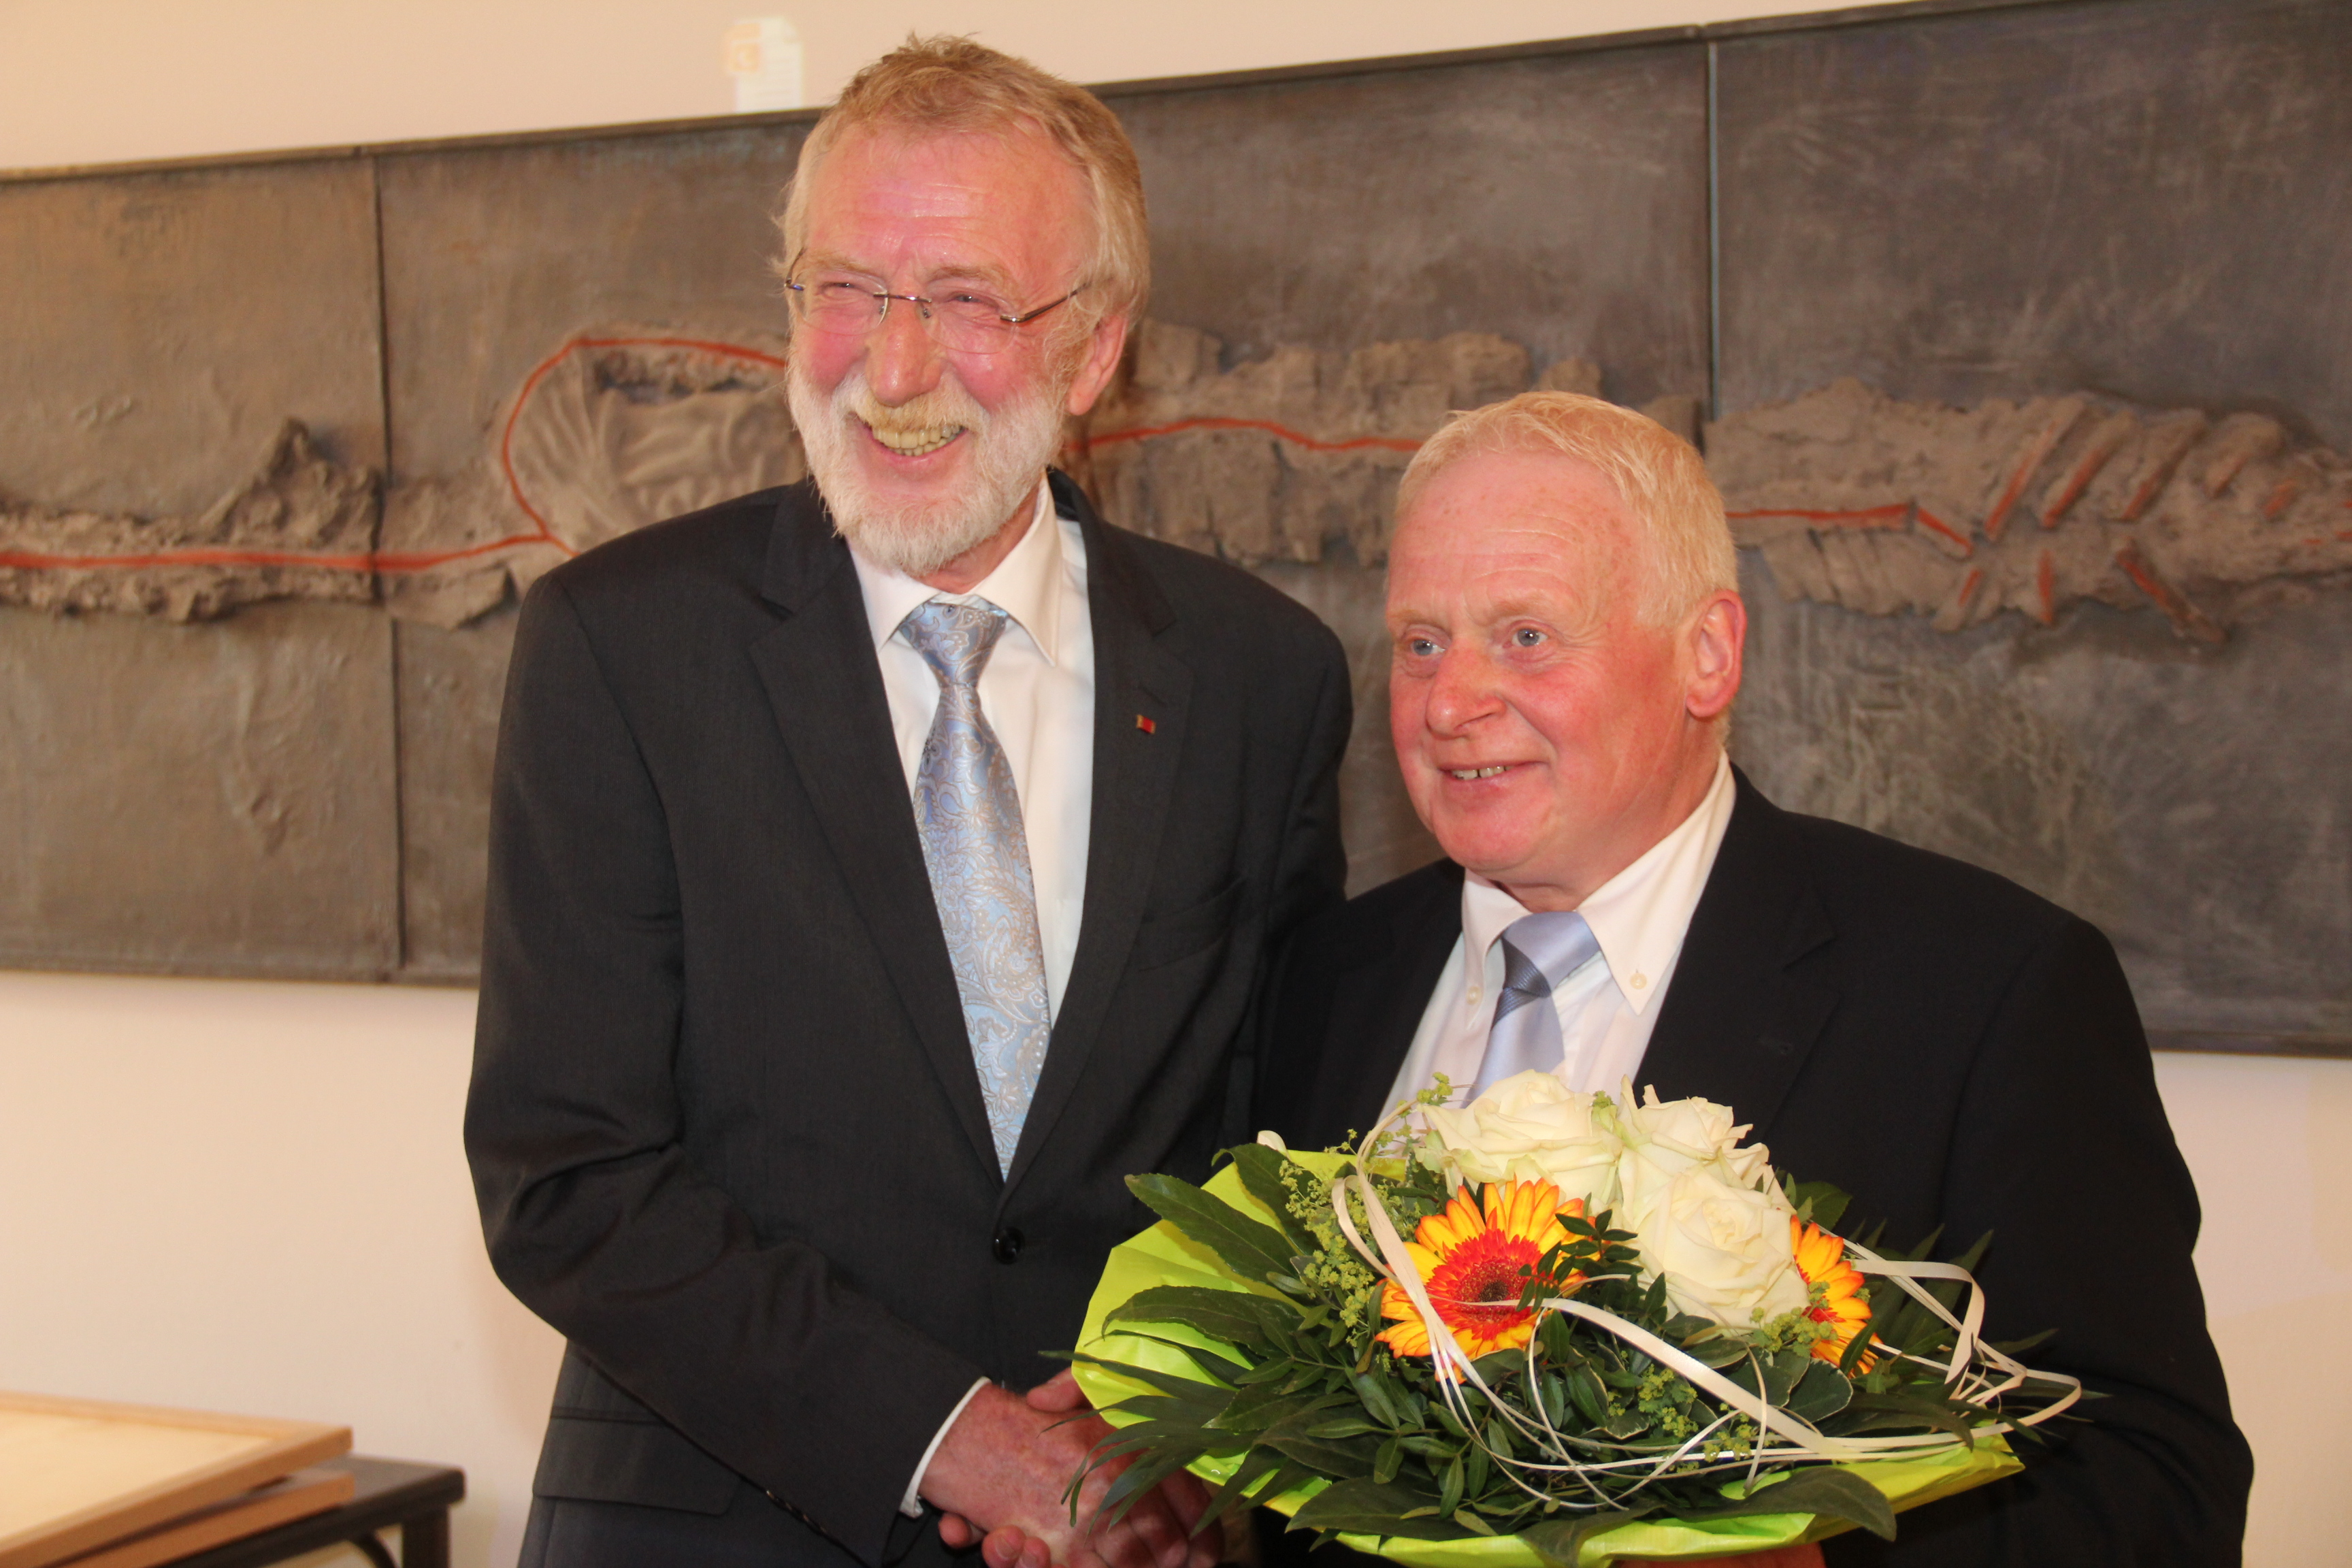 Der zweite stellvertretende Bürgermeister Werner Bohnekamp (l.) gratuliert dem neuen ersten stellvertretenden Bürgermeister Robert Dirkwinkel (r.)